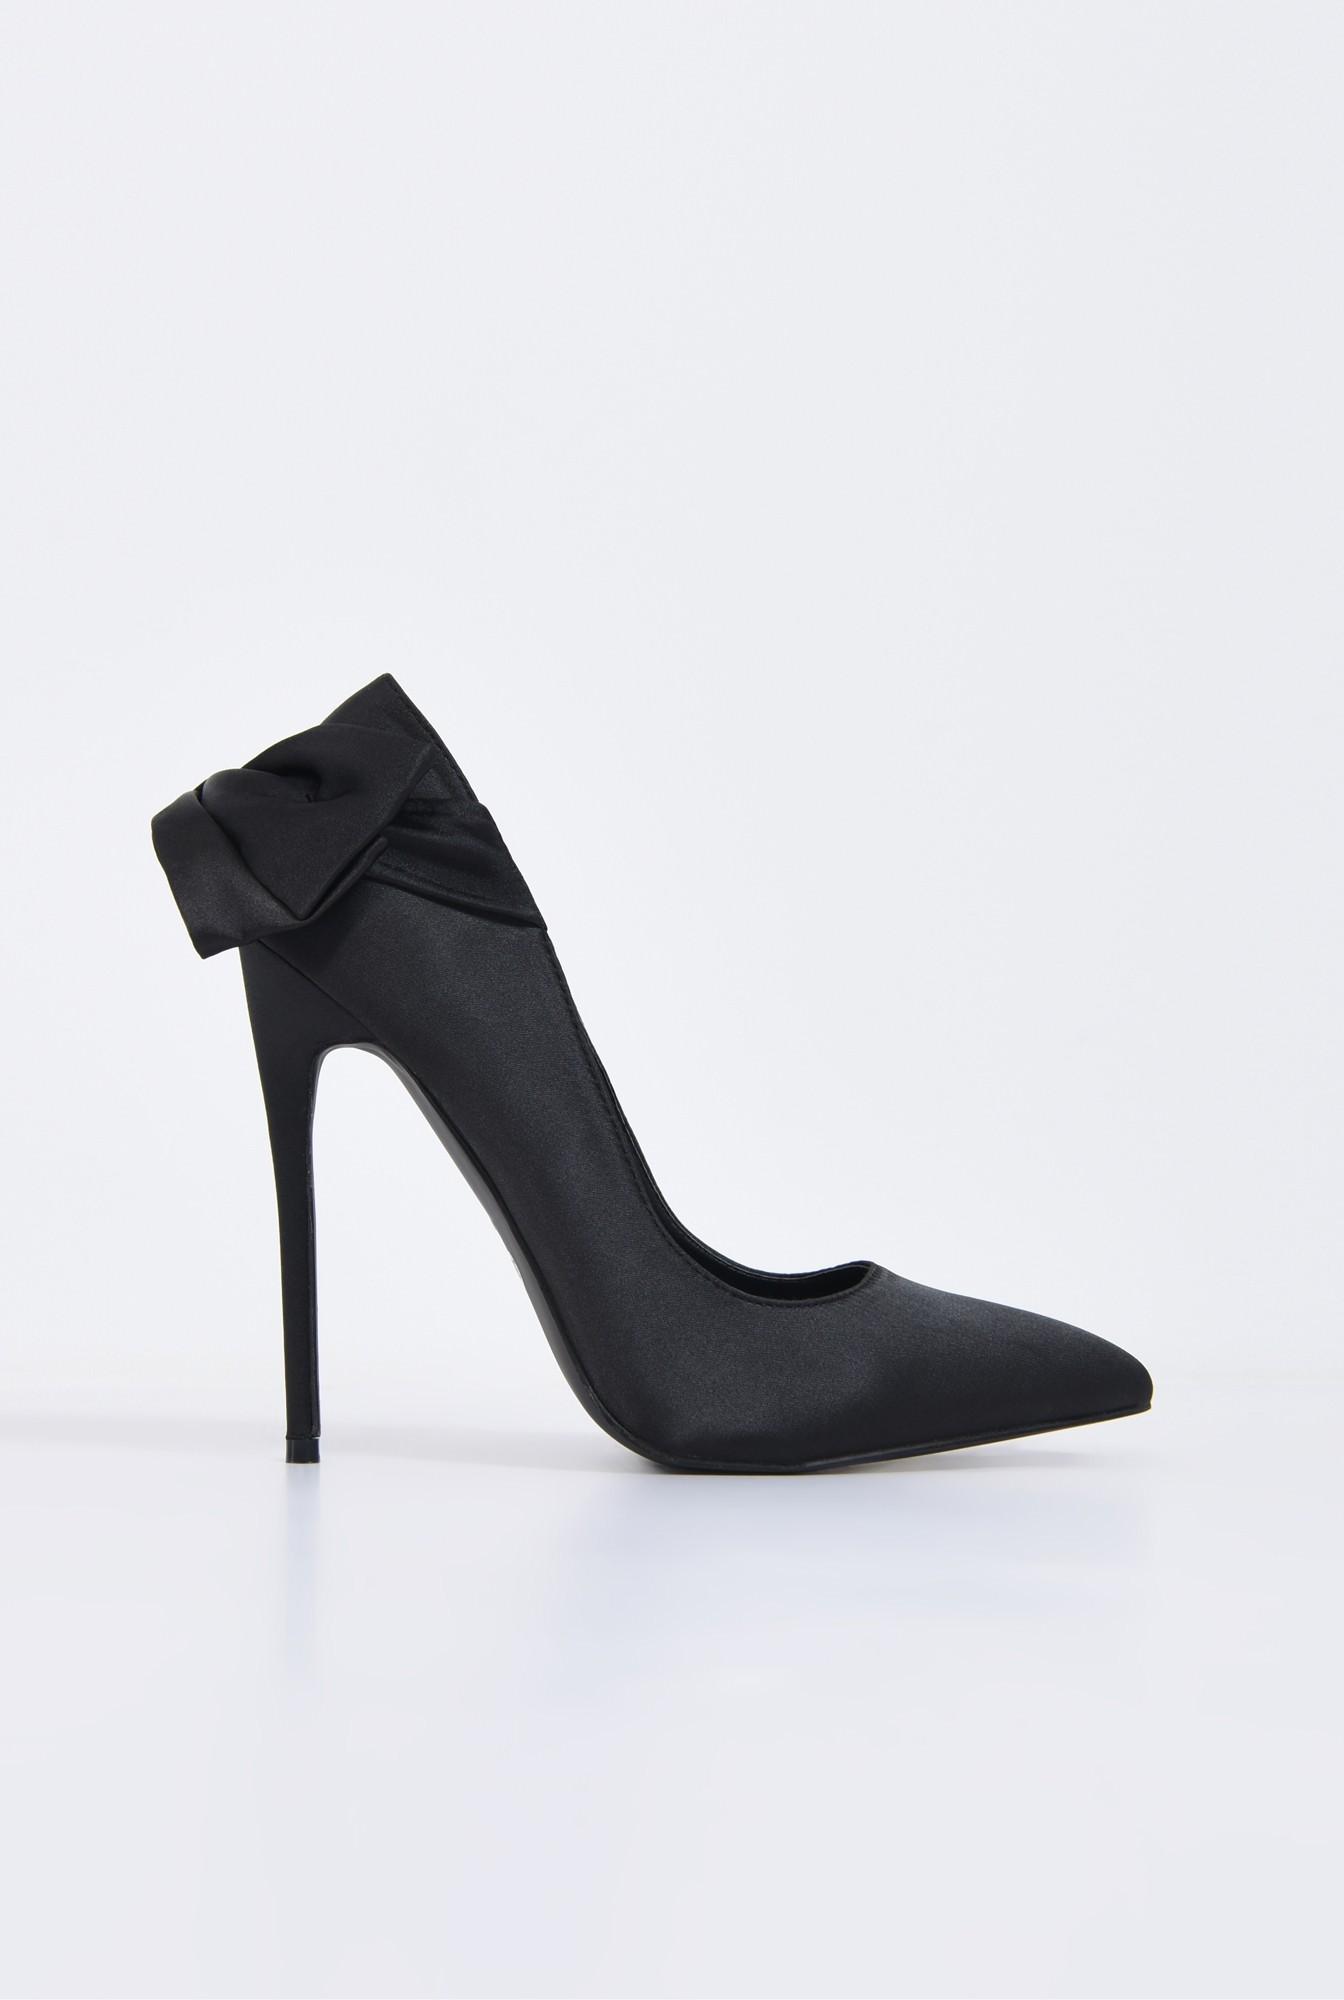 pantofi eleganti, negru, satin, stiletto